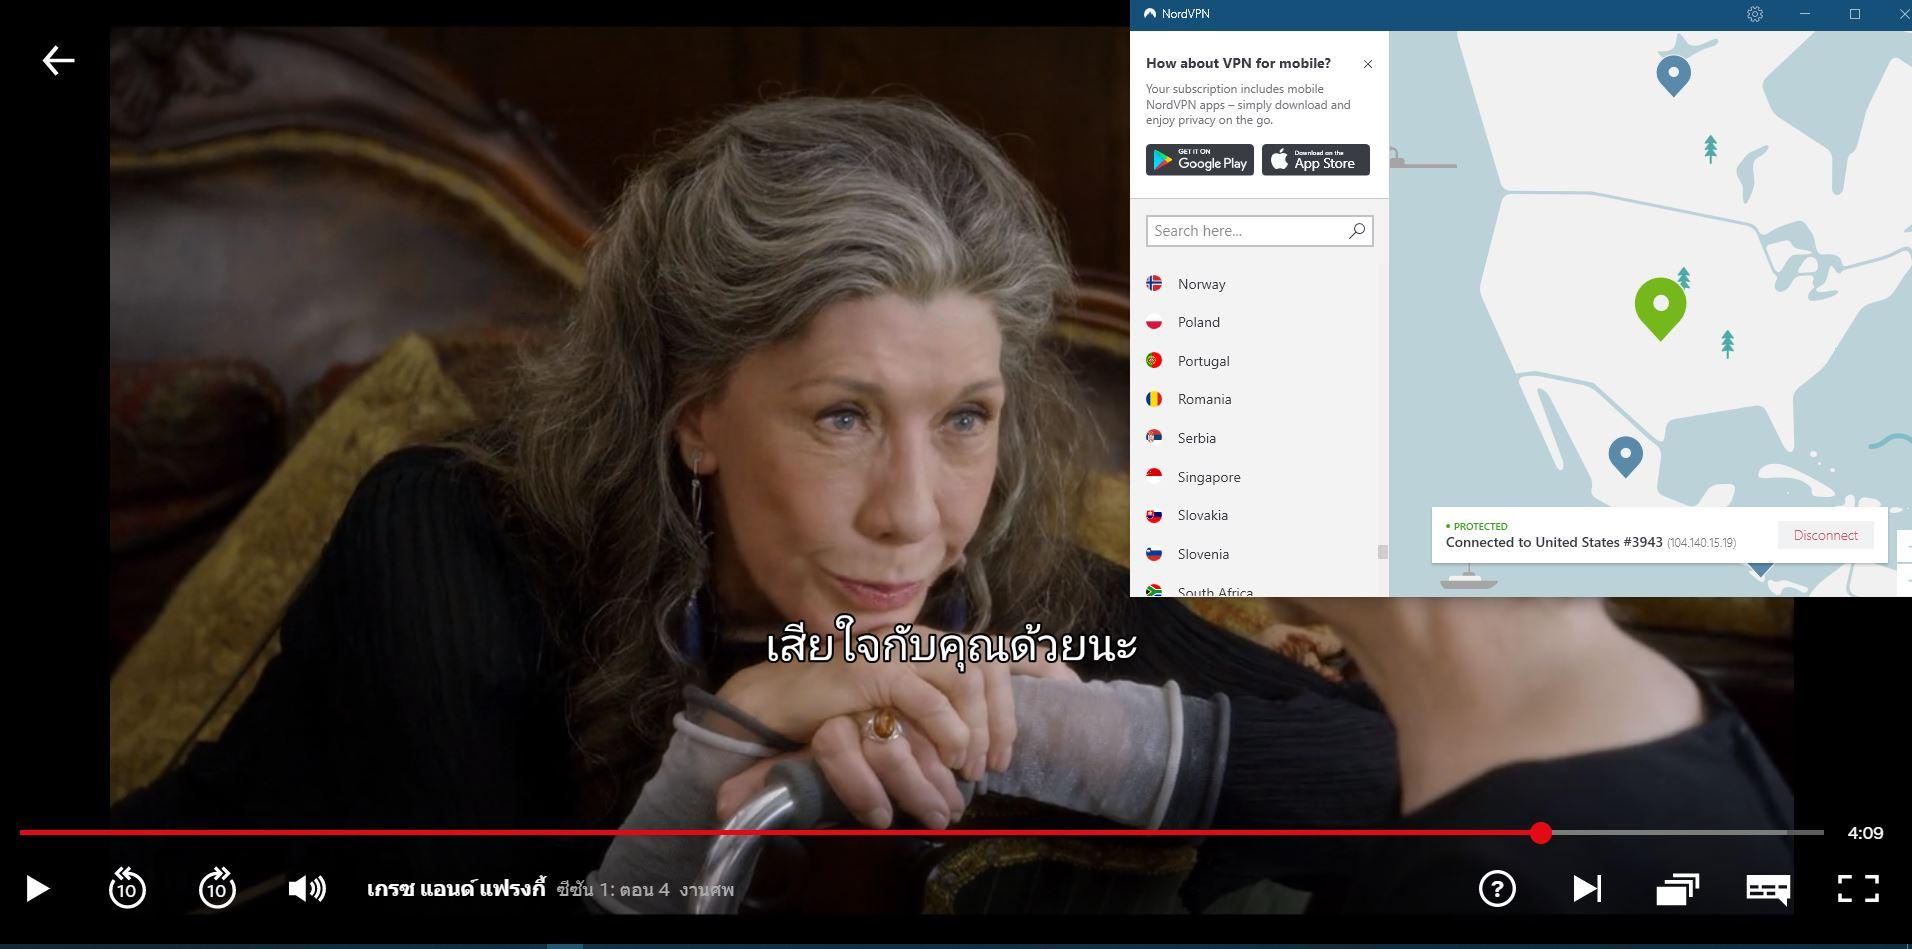 สกรีนช็อตของ NordVPN ปลดบล็อก Netflix US